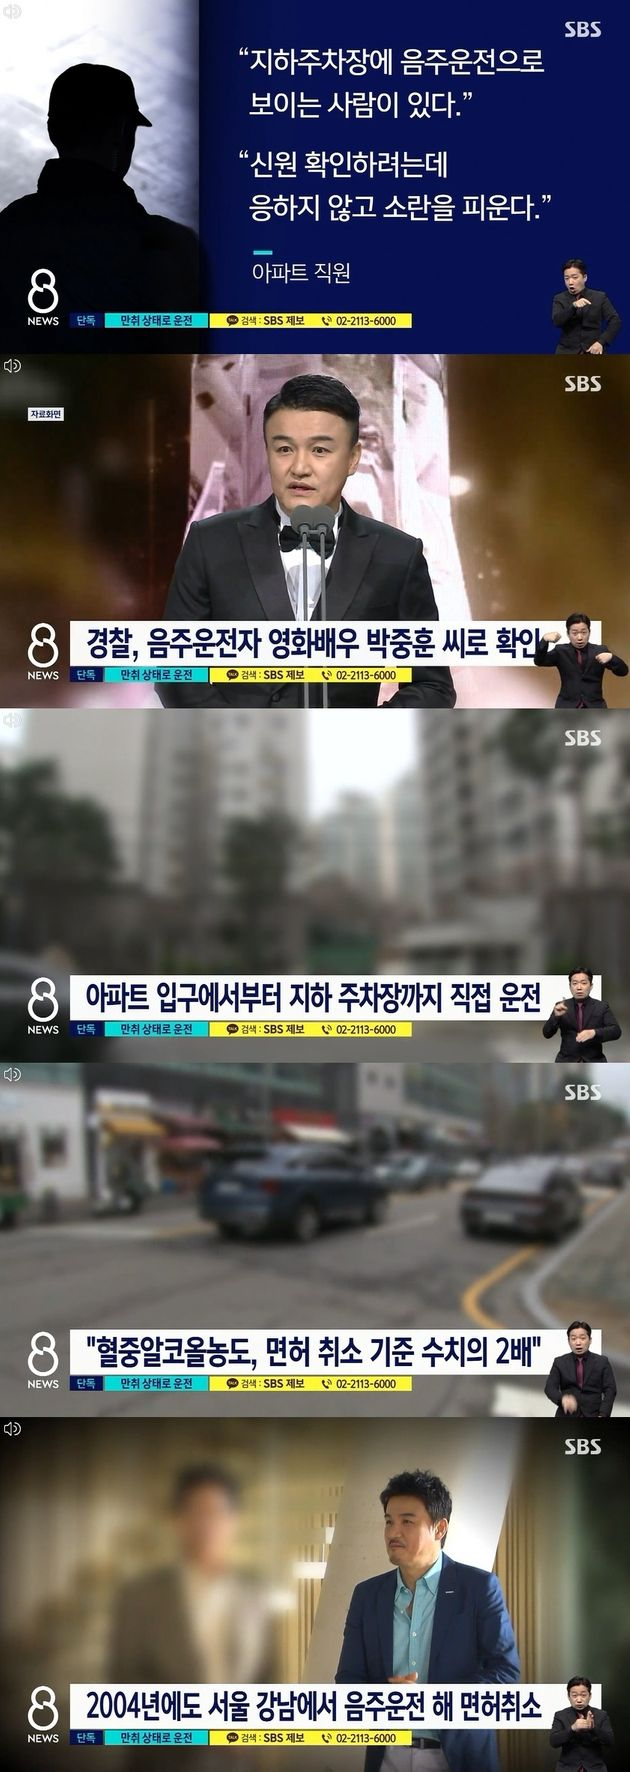 SBS 8 뉴스 보도